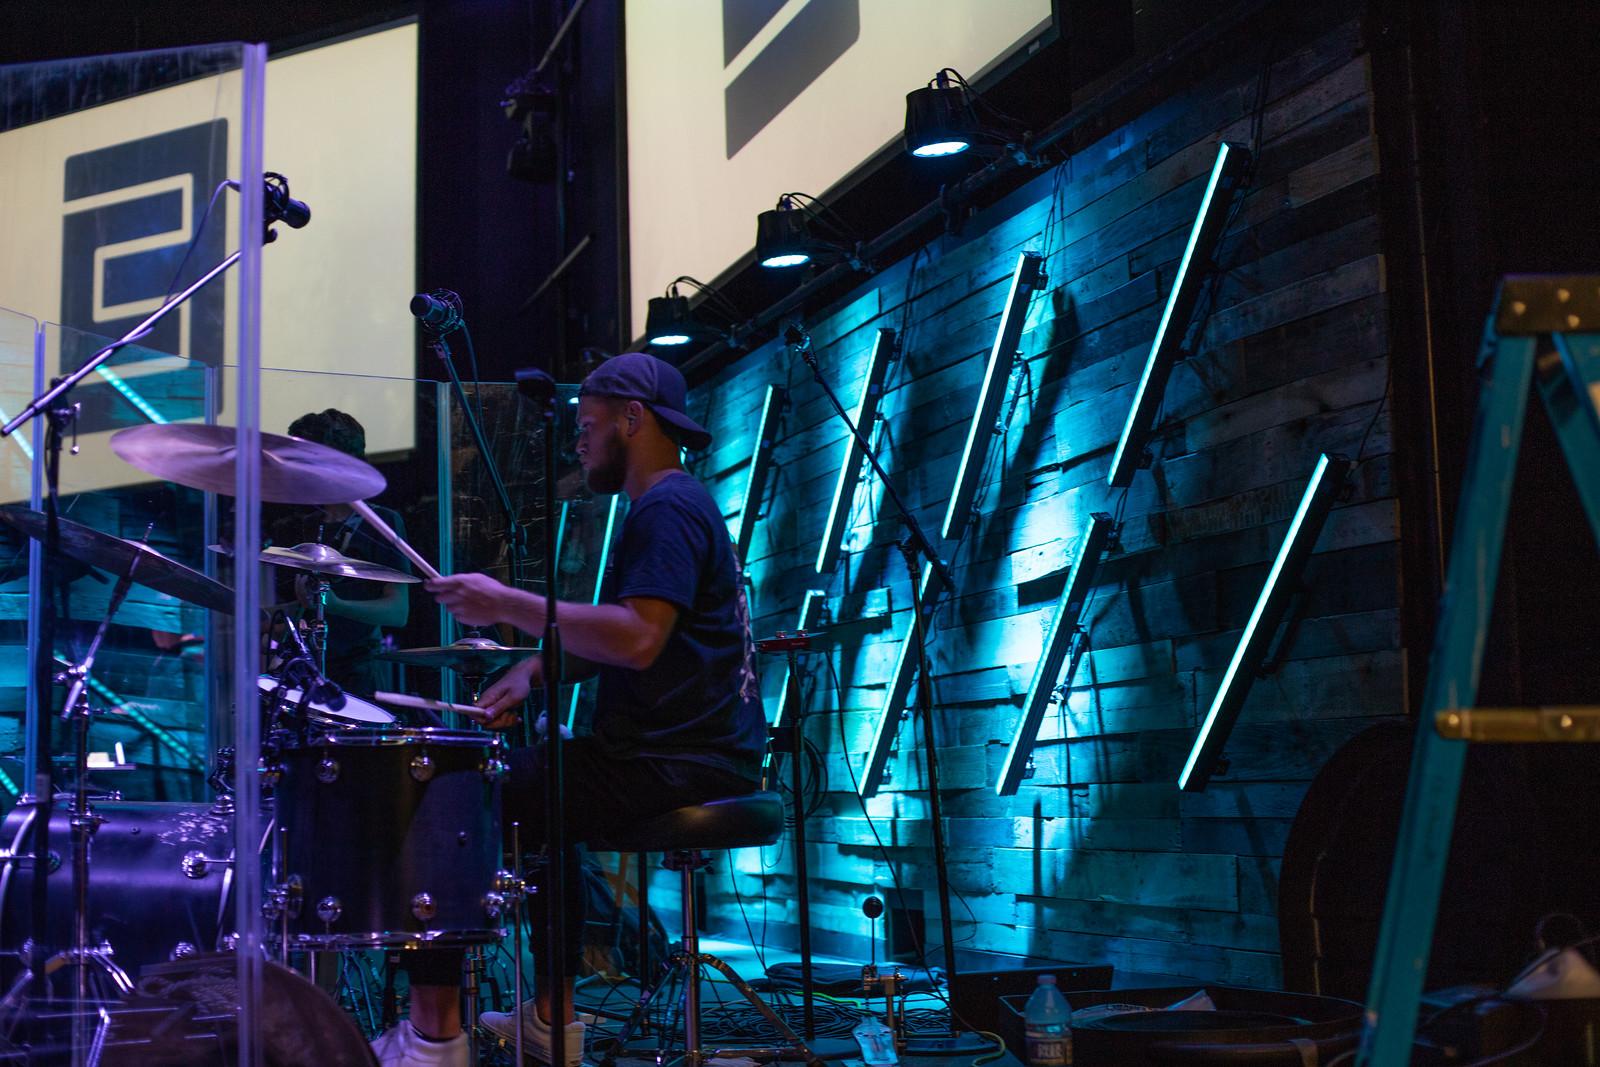 19-10-06 At the Movies-Matt Fry